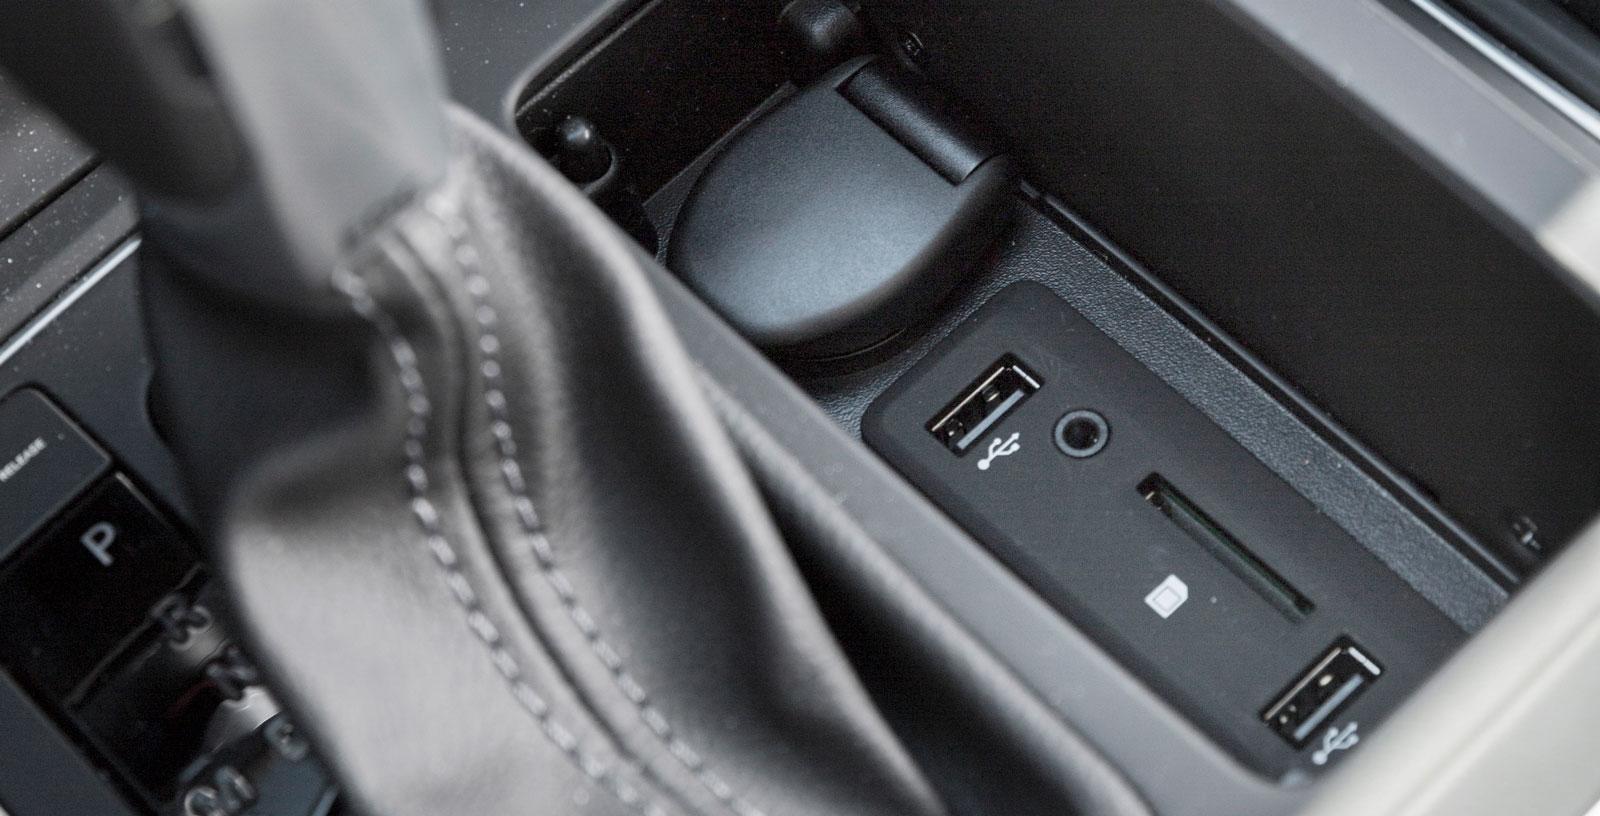 Under en lucka intill växelväljaren finns uttag för såväl USB, musikspelare som extra minneskort för infotainmentsystemet.